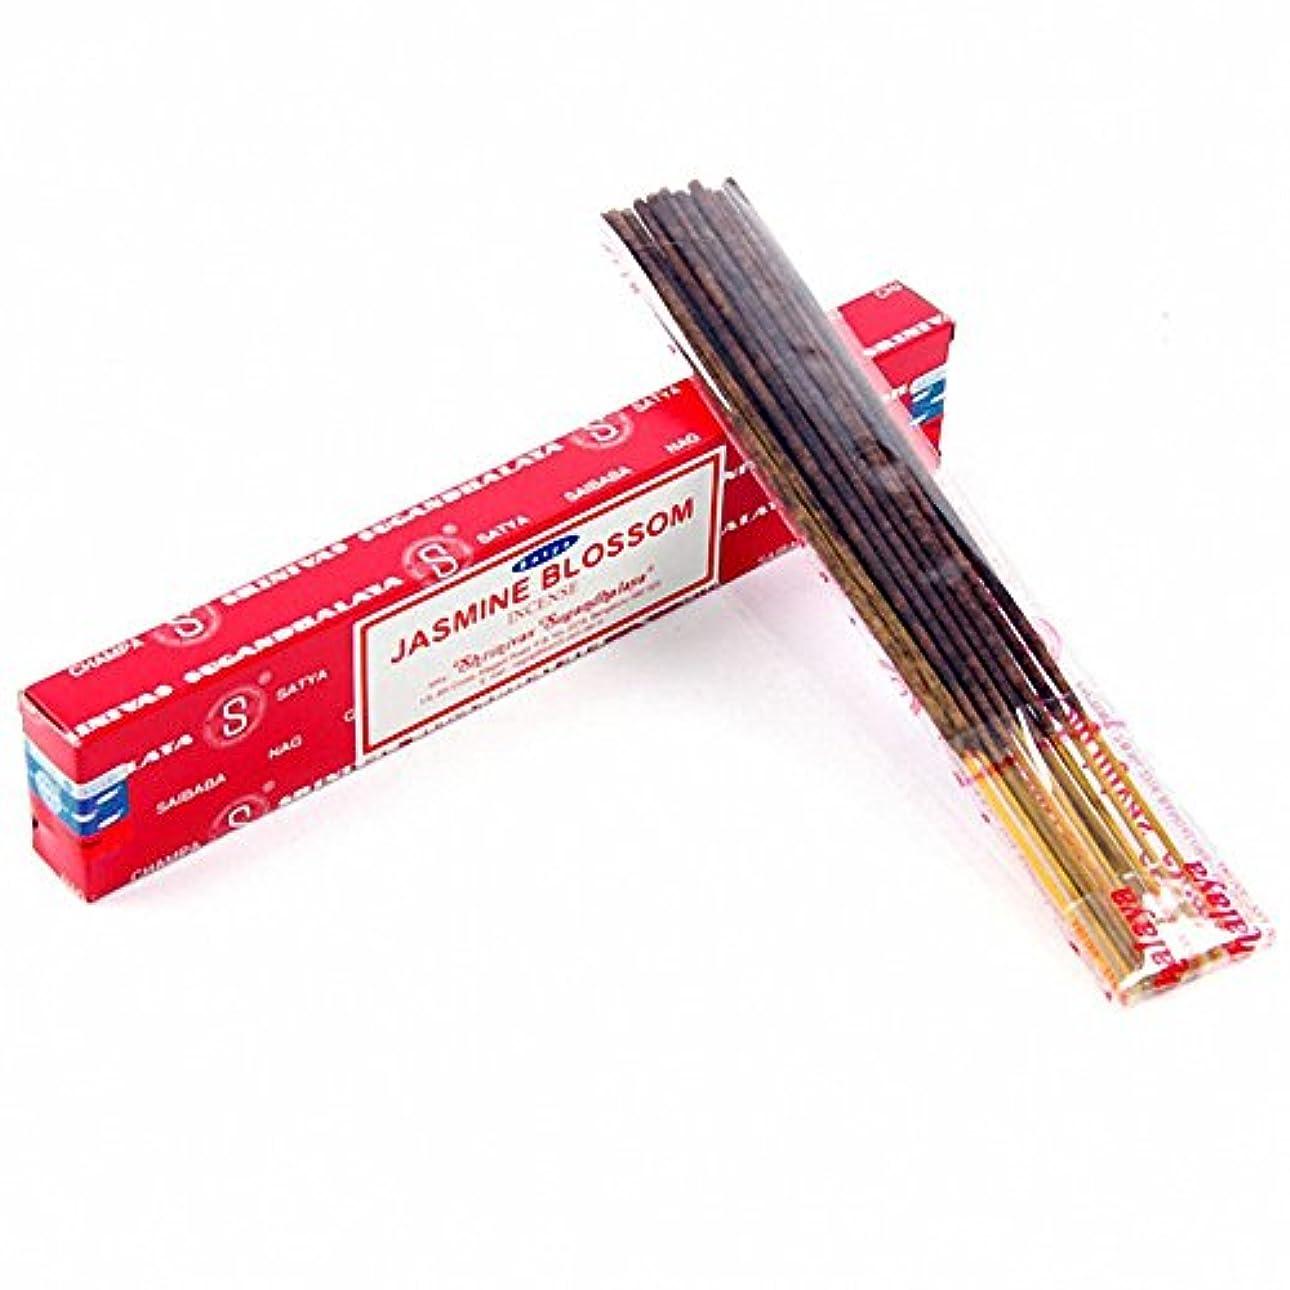 不測の事態手入れ局Satya Satya Sai BabaジャスミンBlossom Nag Champa Incense Sticks (15 Sticks)